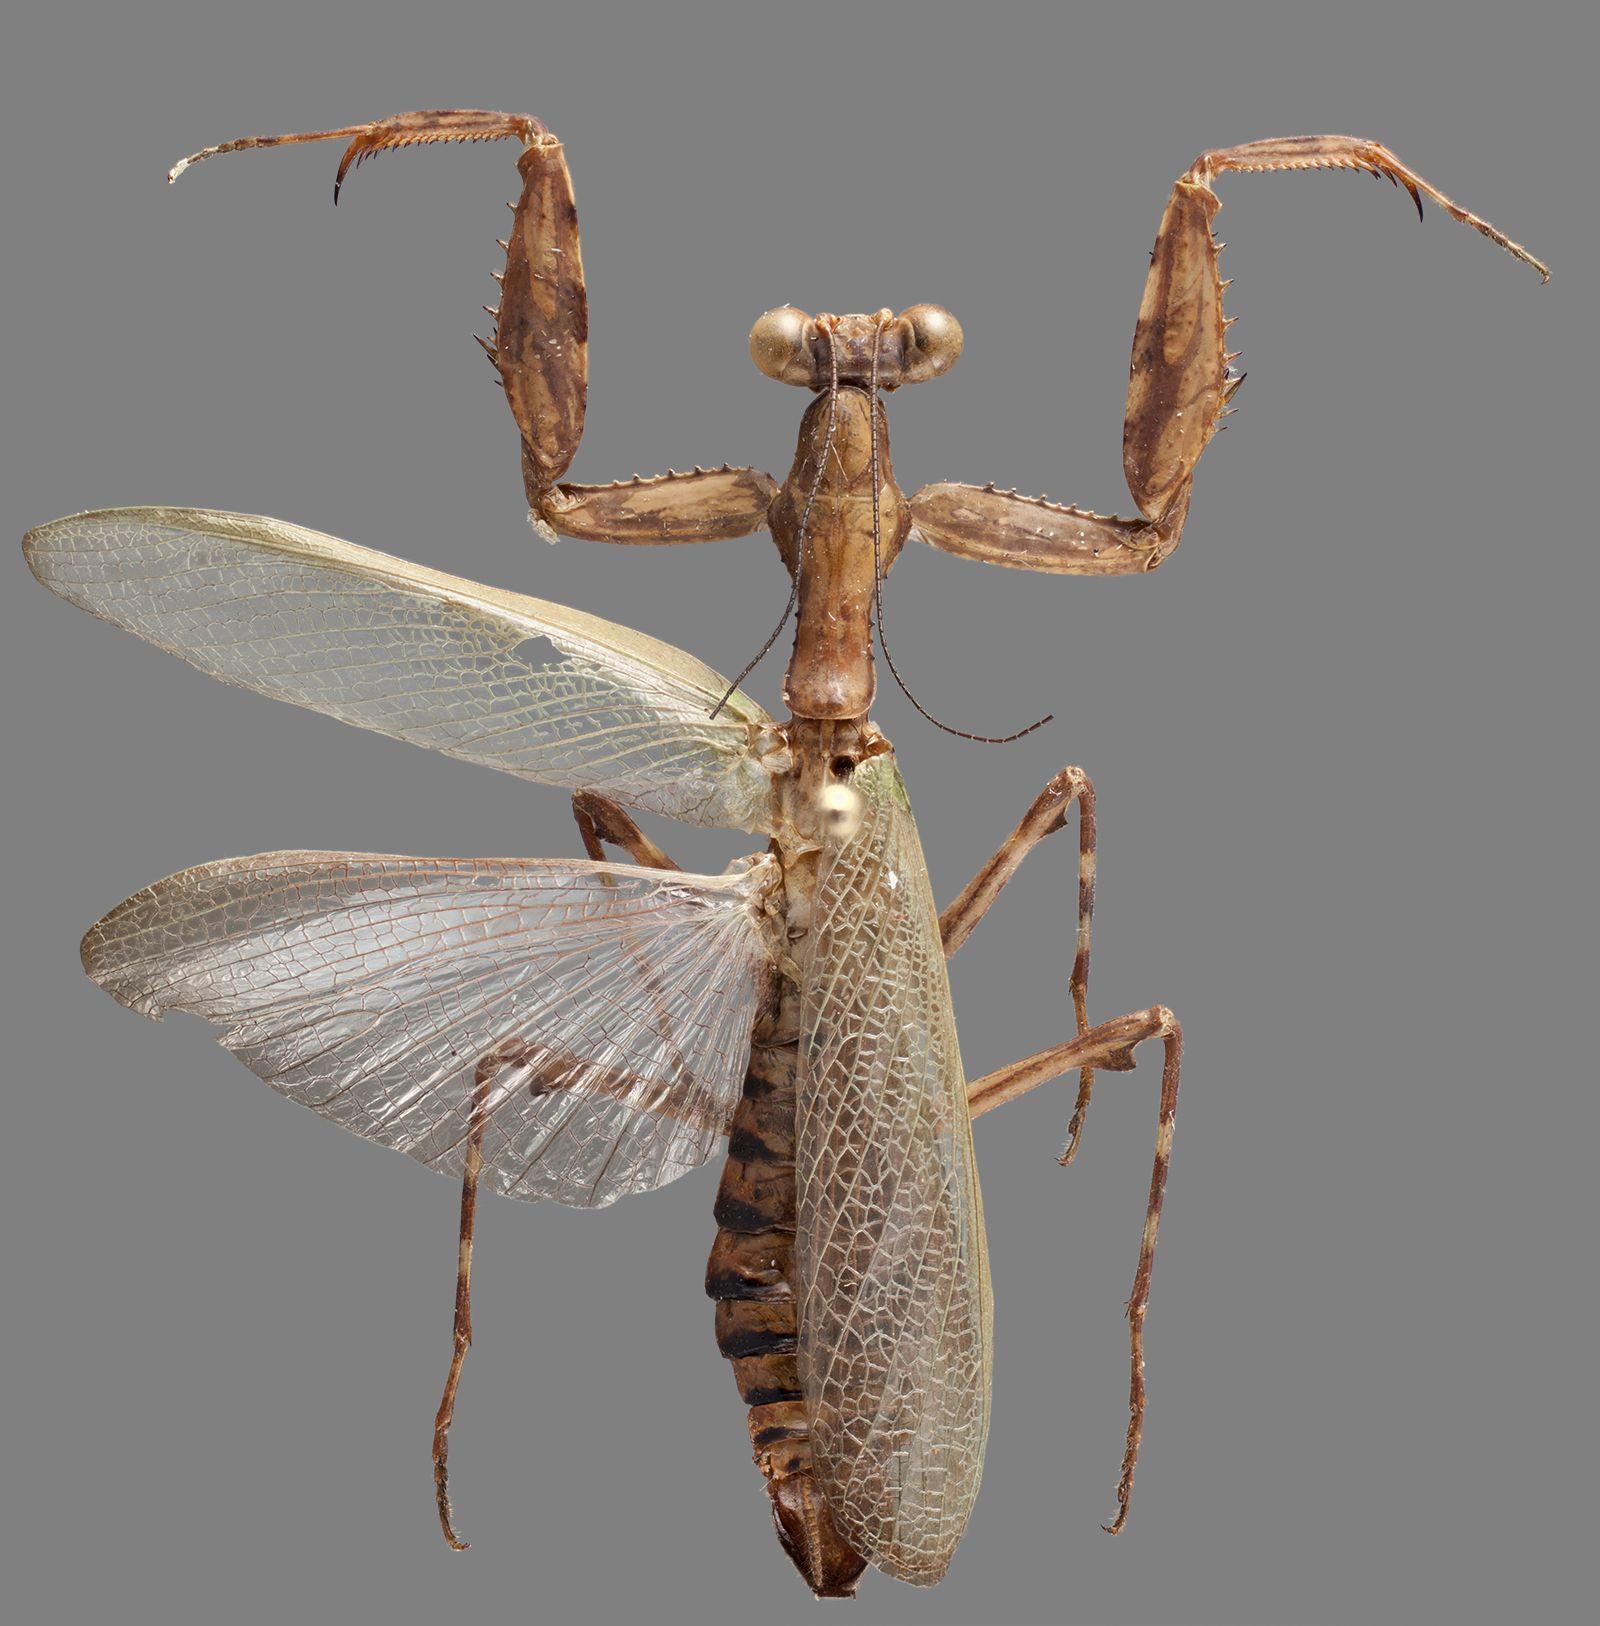 dancing praying mantis photo